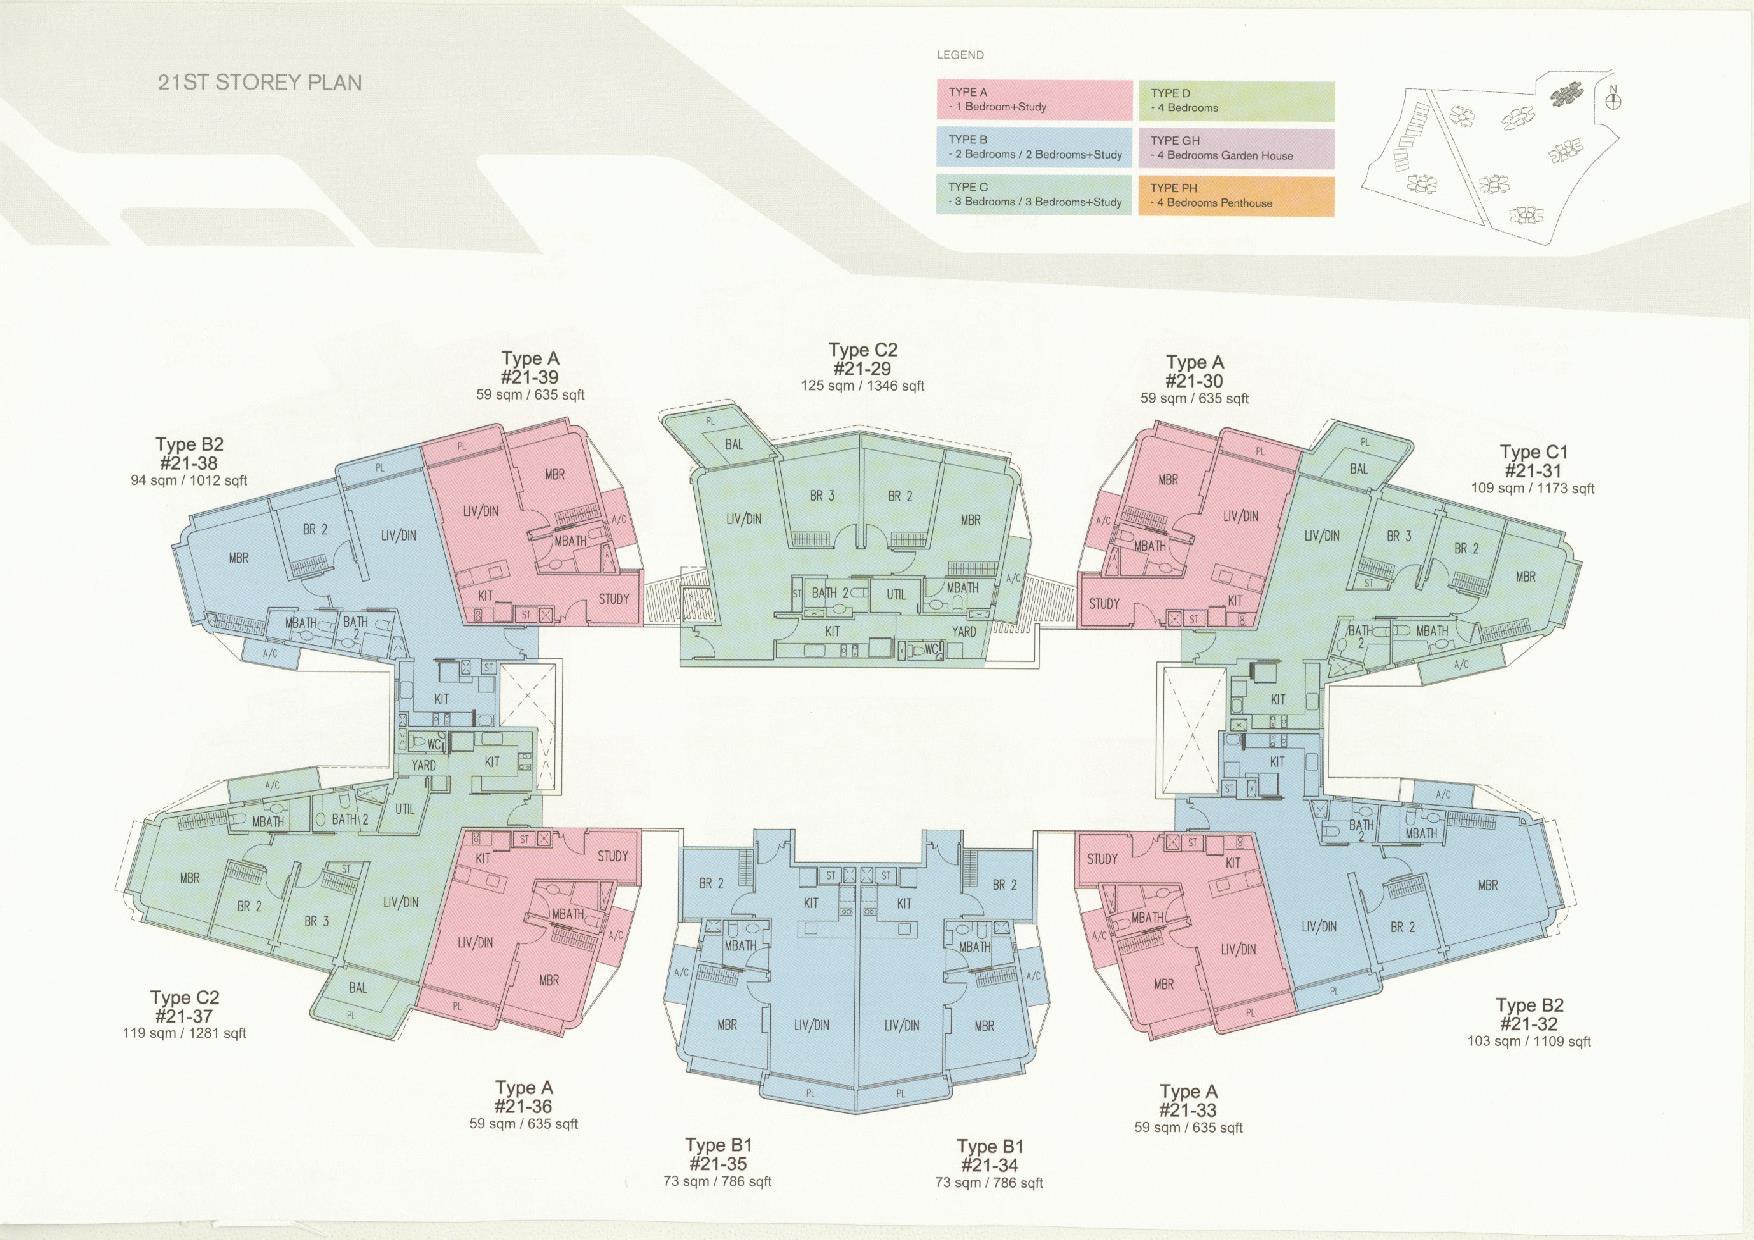 D'Leedon Block 11 21st Storey Floor Plans